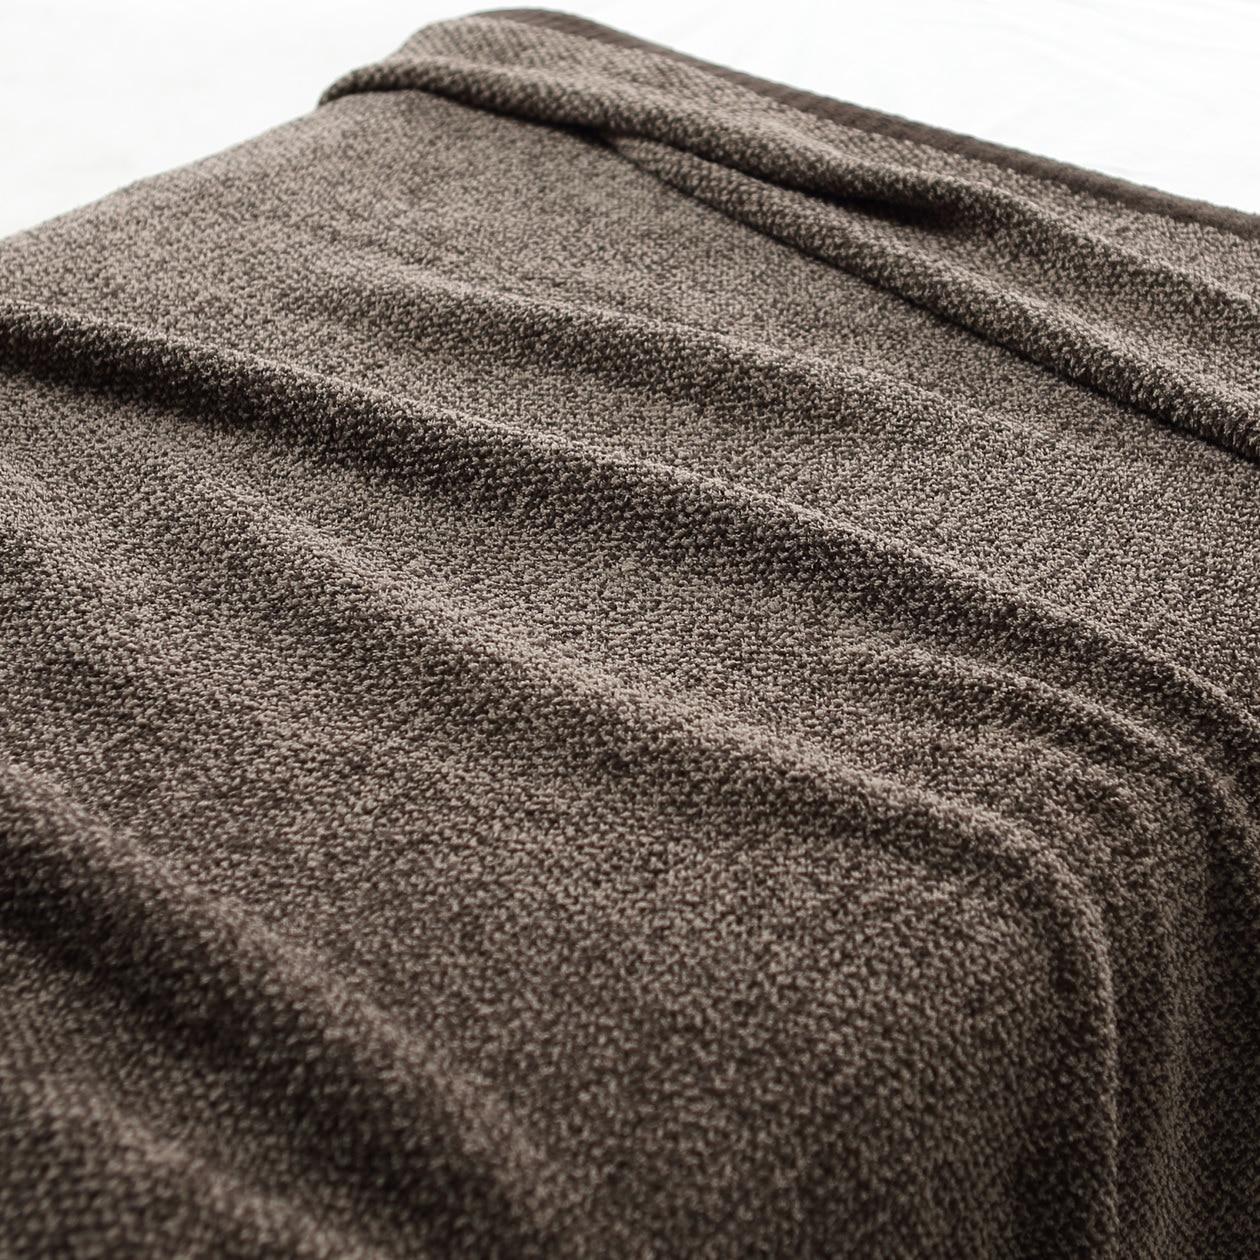 モール糸使いニット毛布・S/ブラウン